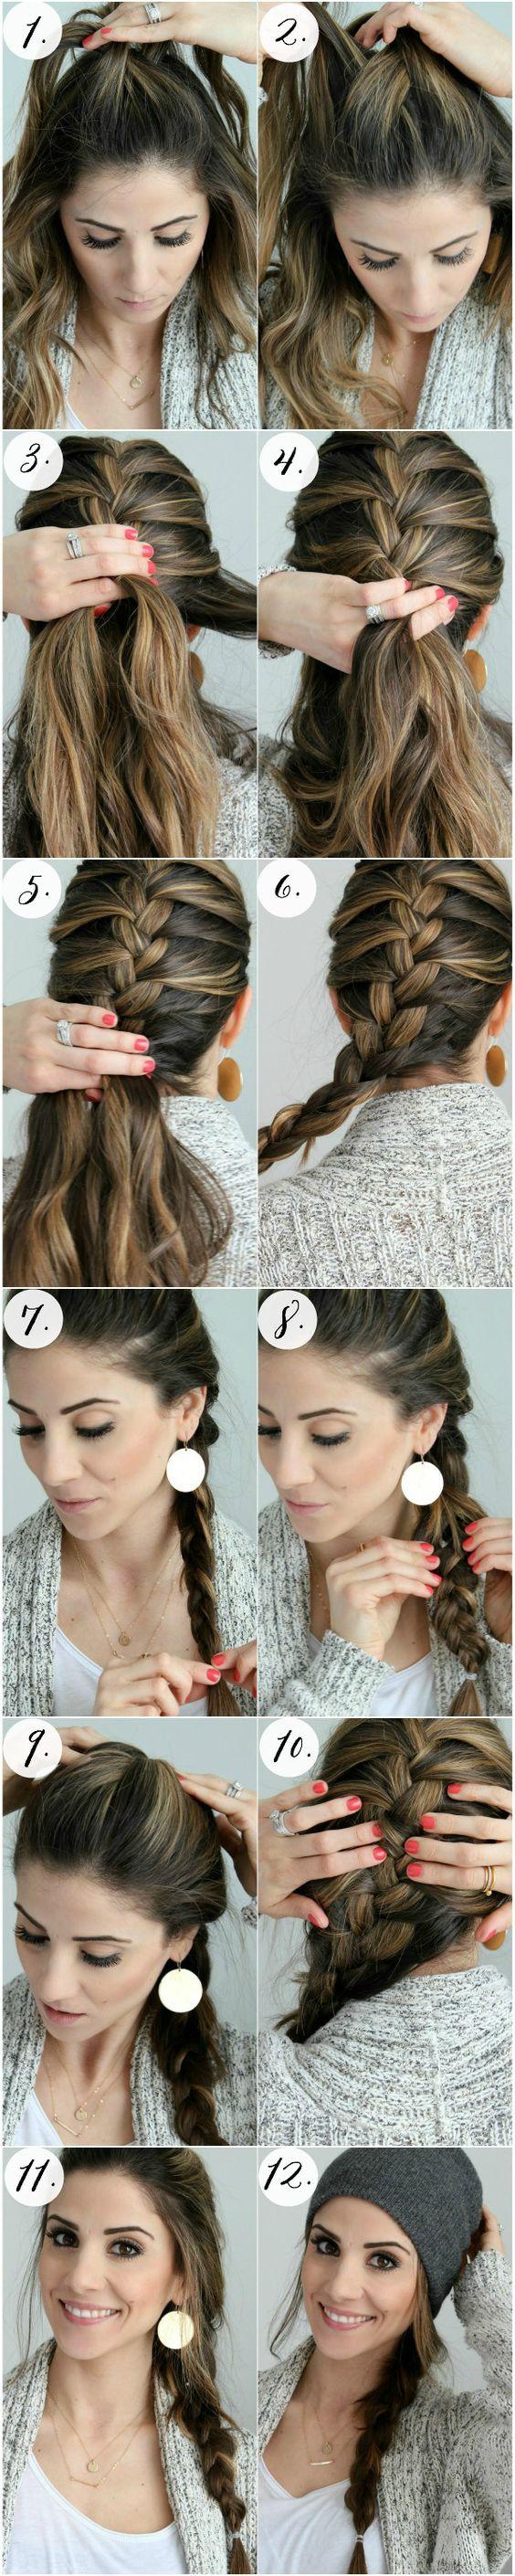 Simple French Braid